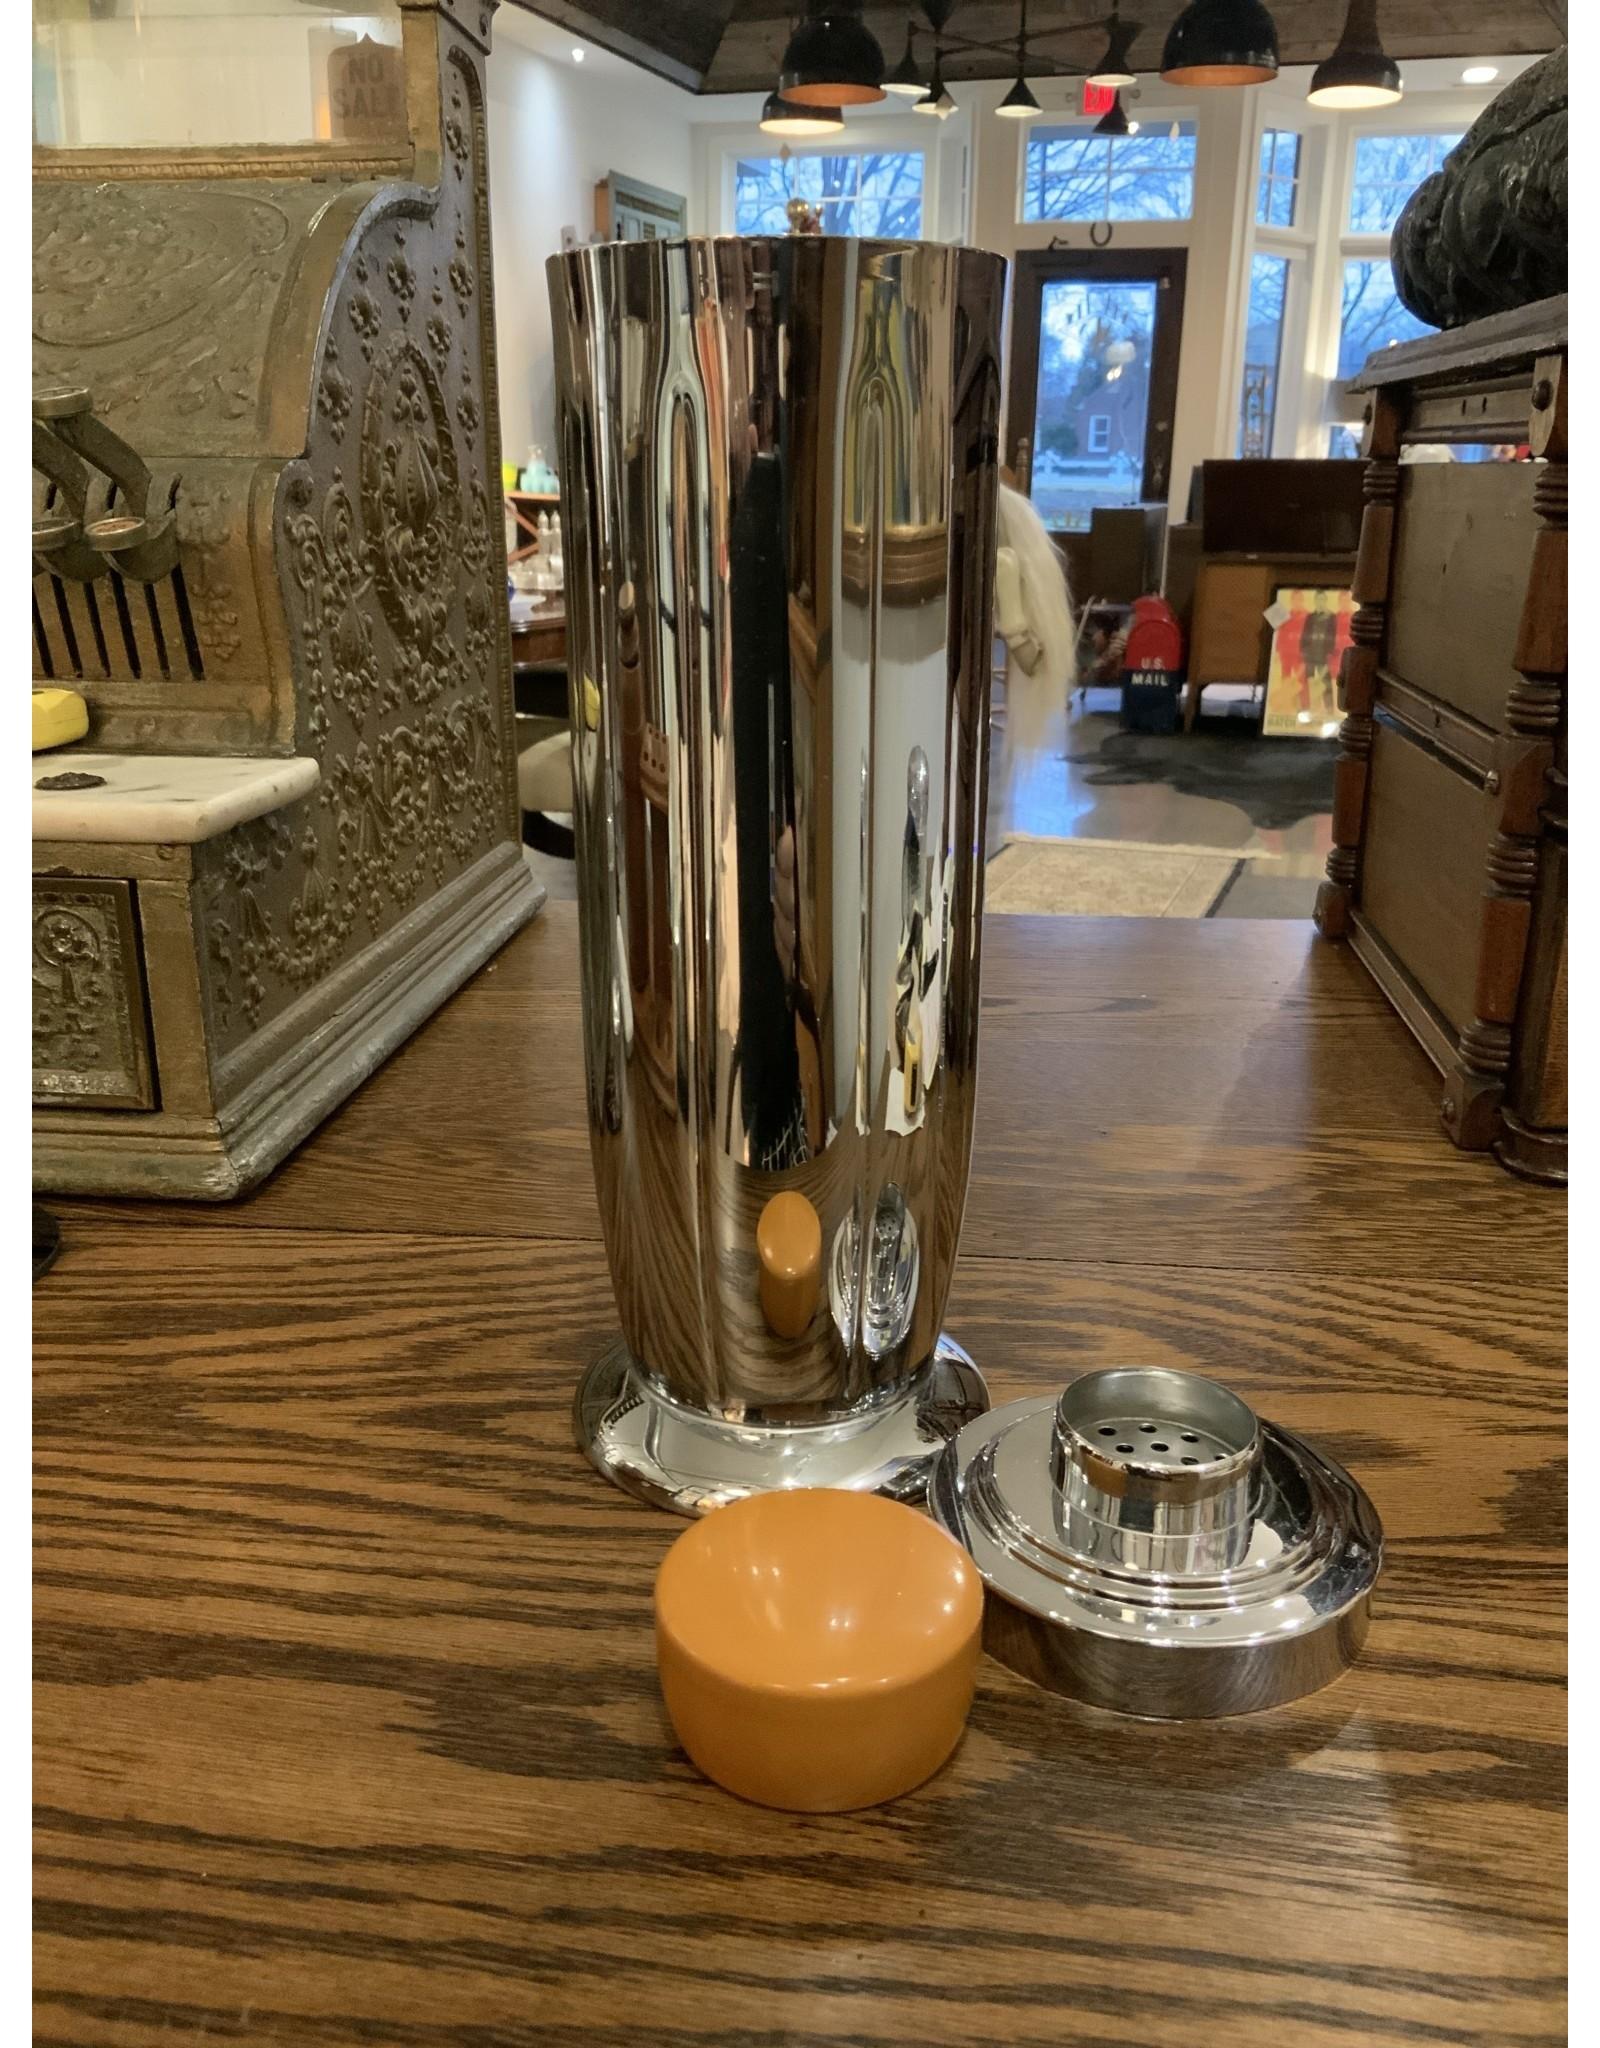 SPV Manning Bowman Connoisseur Cocktail Shaker - Merridien Conneticut, USA - Chrome and Butterscotch Bakelite - Rare!